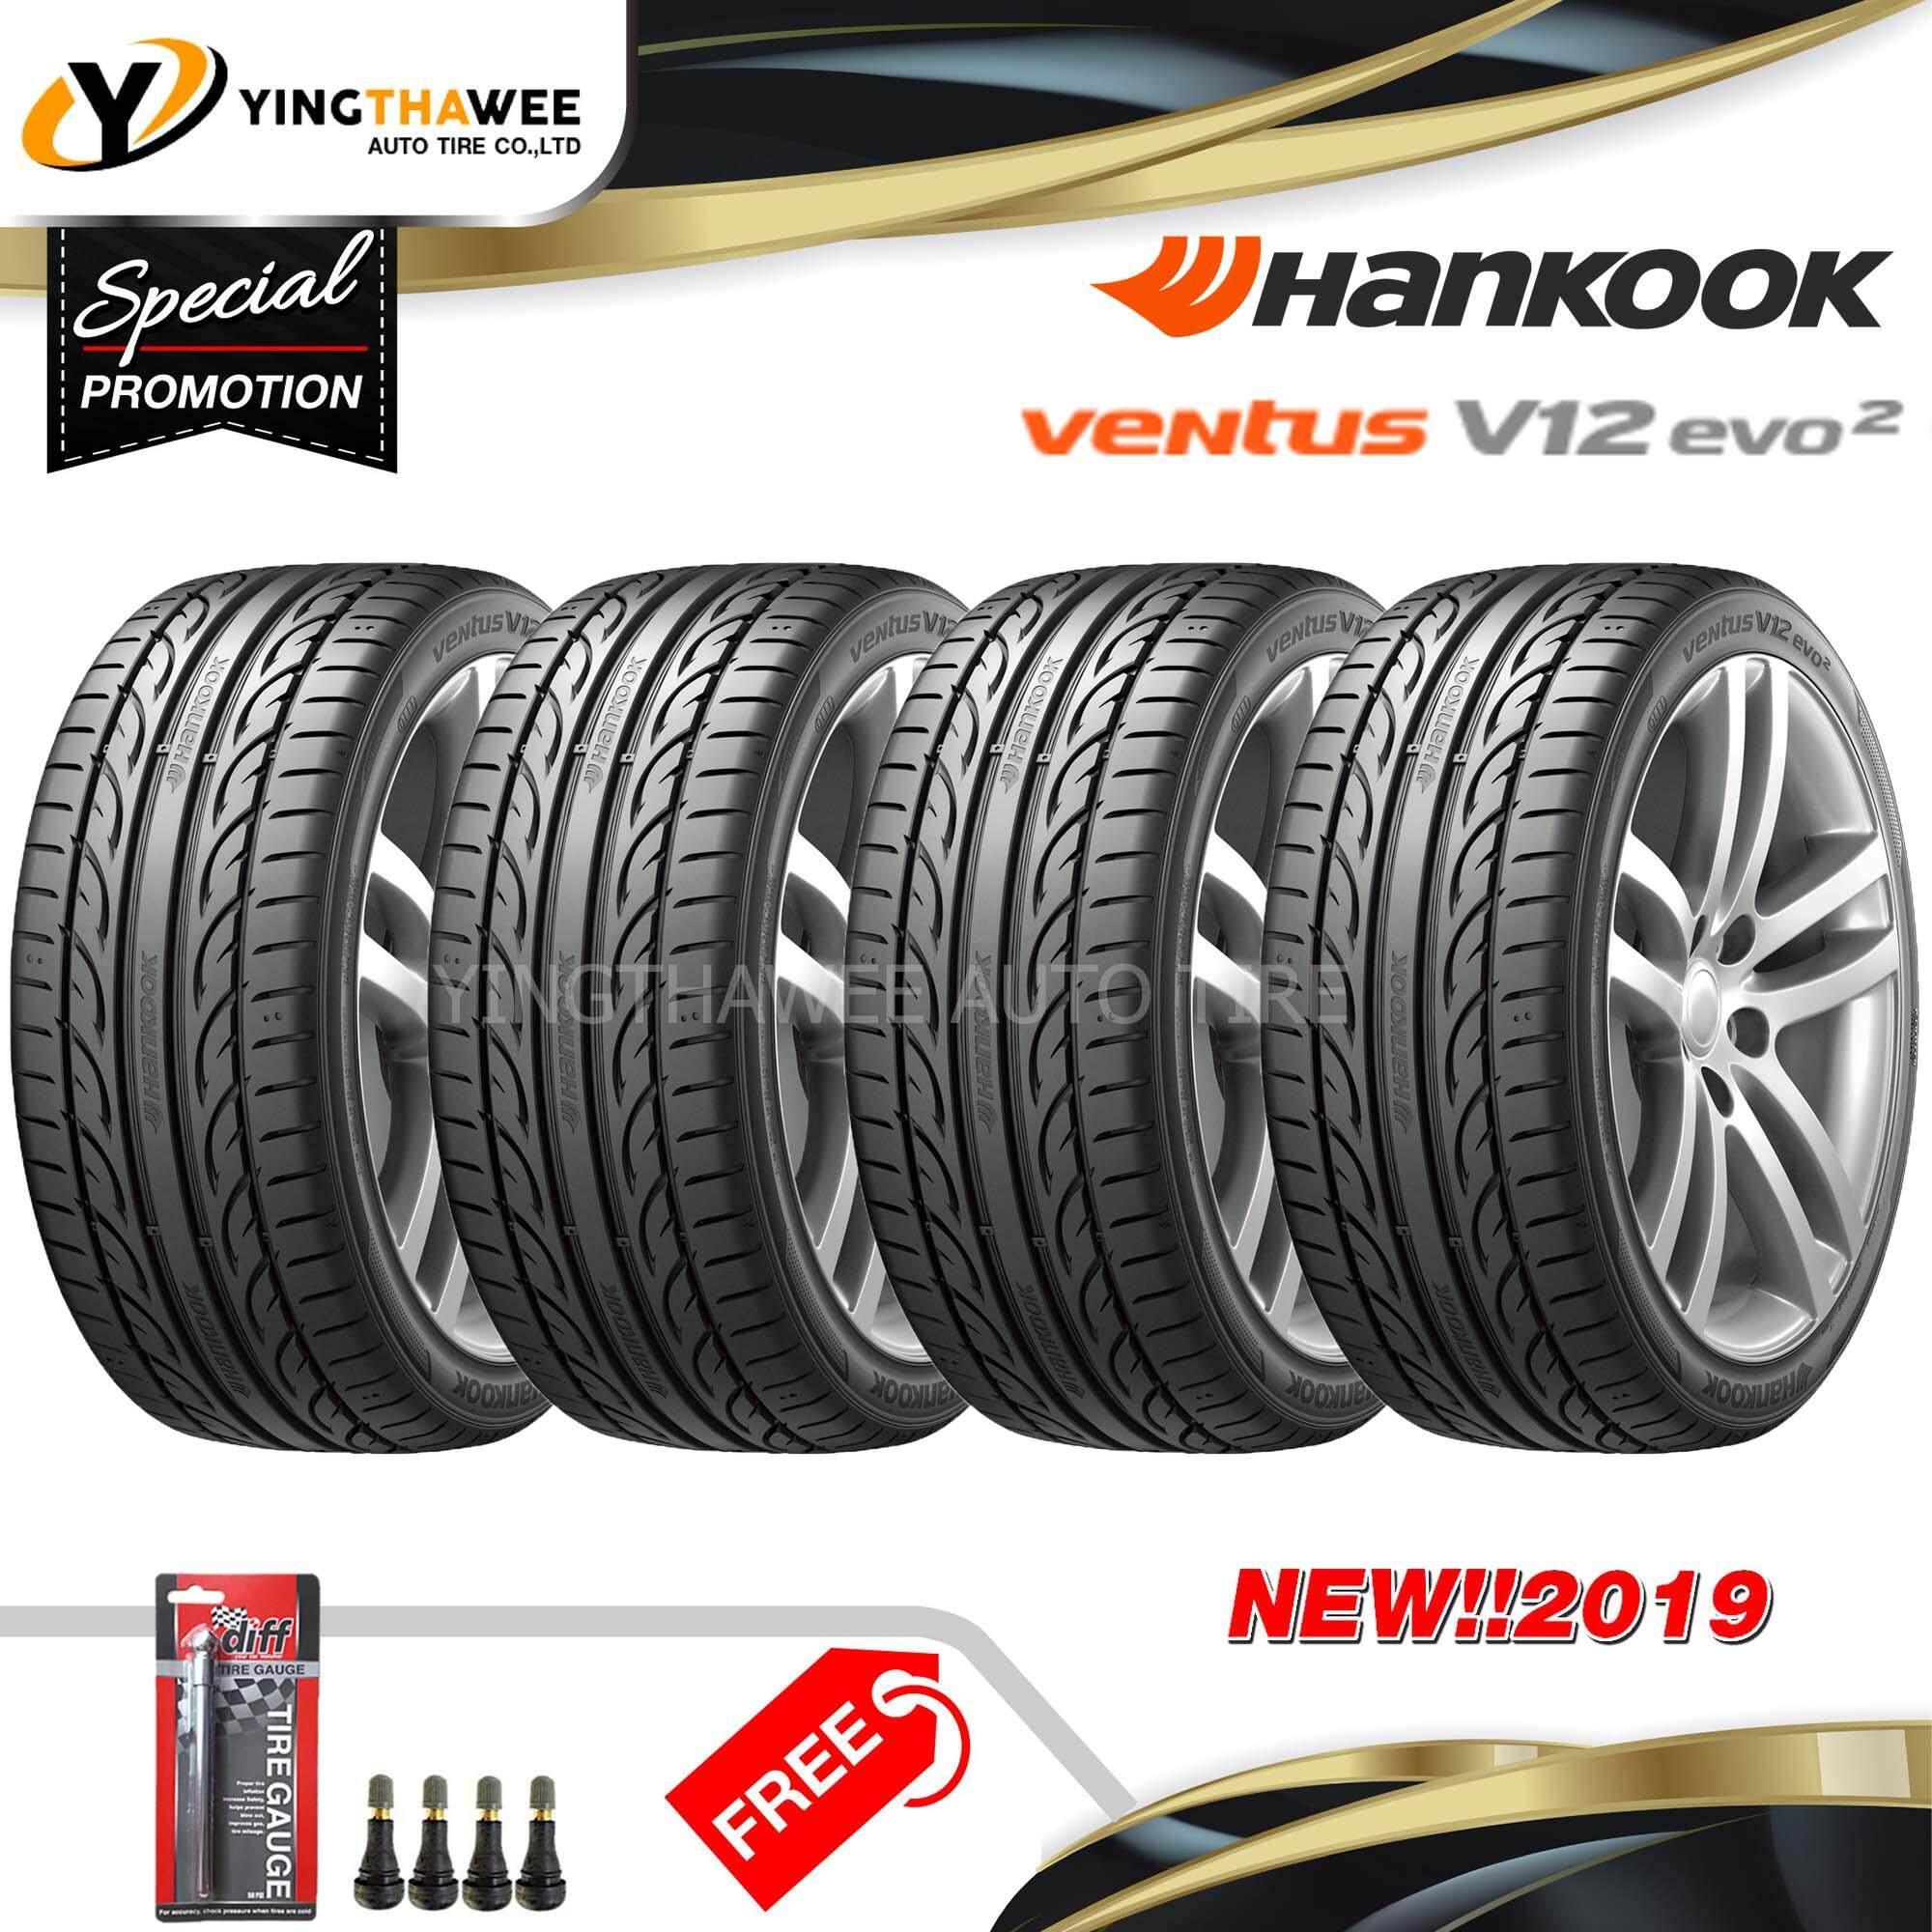 ประกันภัย รถยนต์ 3 พลัส ราคา ถูก จันทบุรี HANKOOK ยางรถยนต์ 205/55R16 รุ่น V12 evo2  4 เส้น (ปี 2019) แถมจุ๊บยางหัวทองเหลือง 4 ตัว + เกจวัดลมยาง 1 ตัว